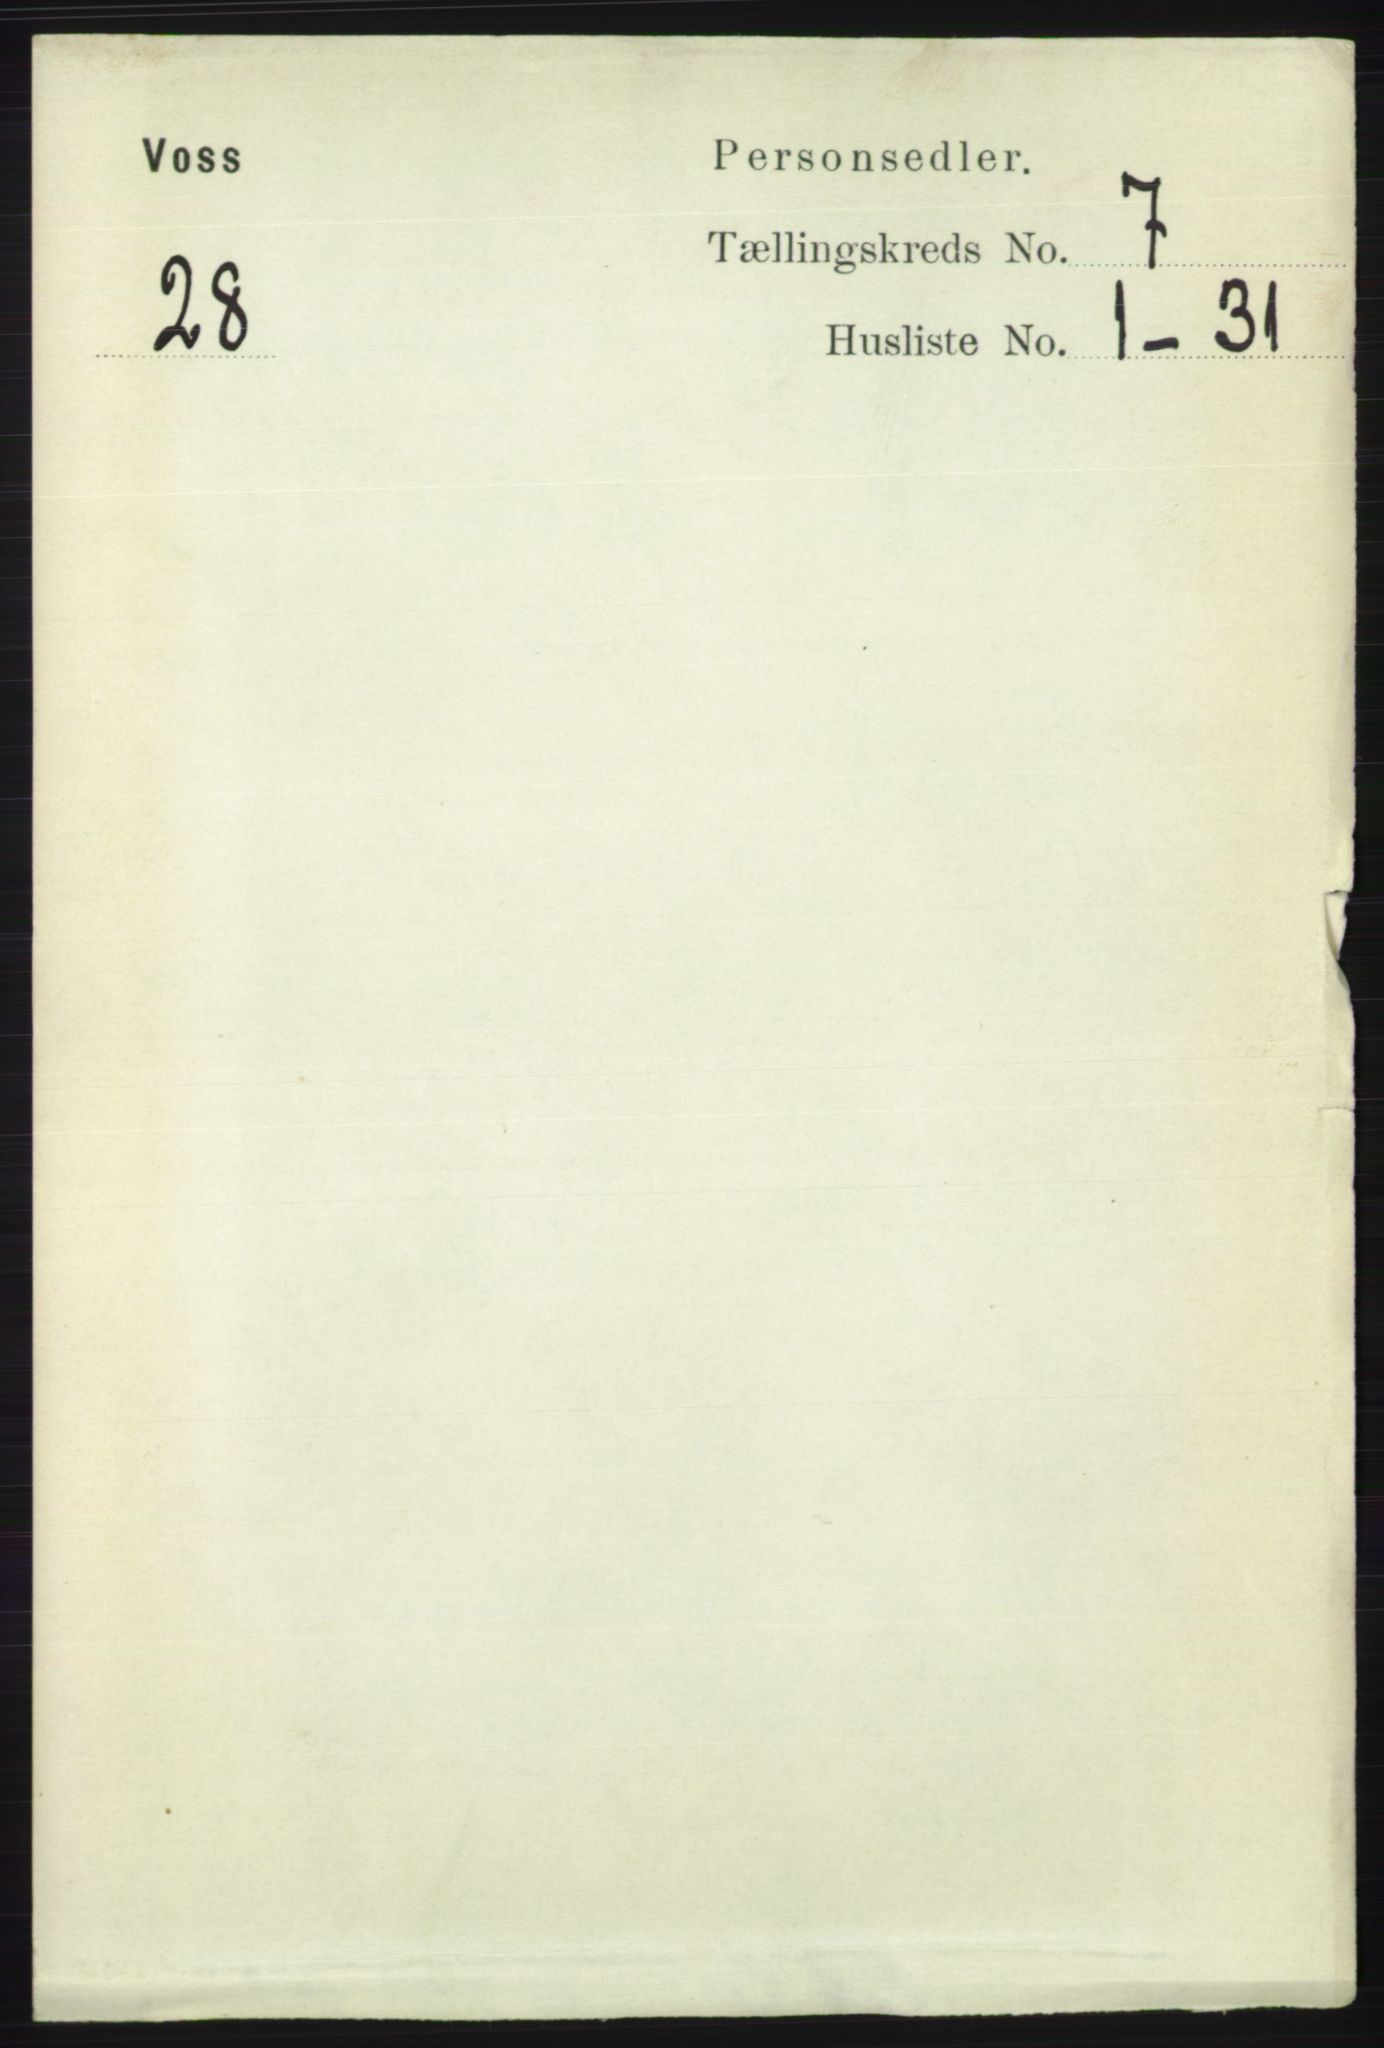 RA, Folketelling 1891 for 1235 Voss herred, 1891, s. 3793